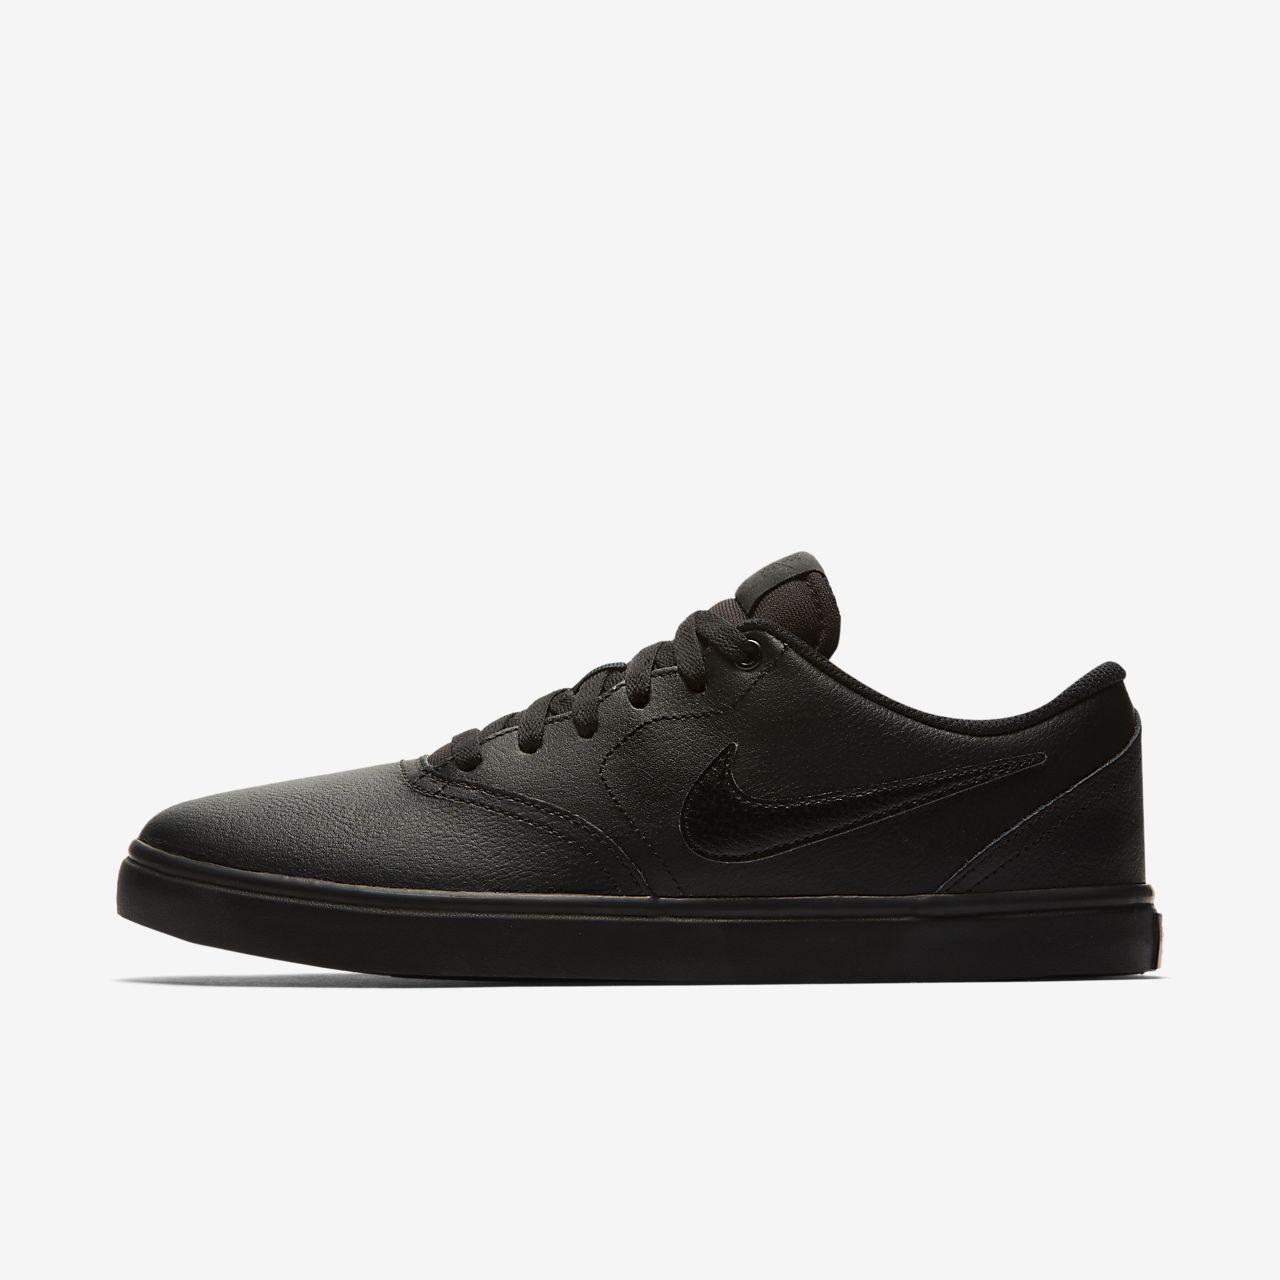 Nike SB Check Solarsoft Herren Skateboardschuh